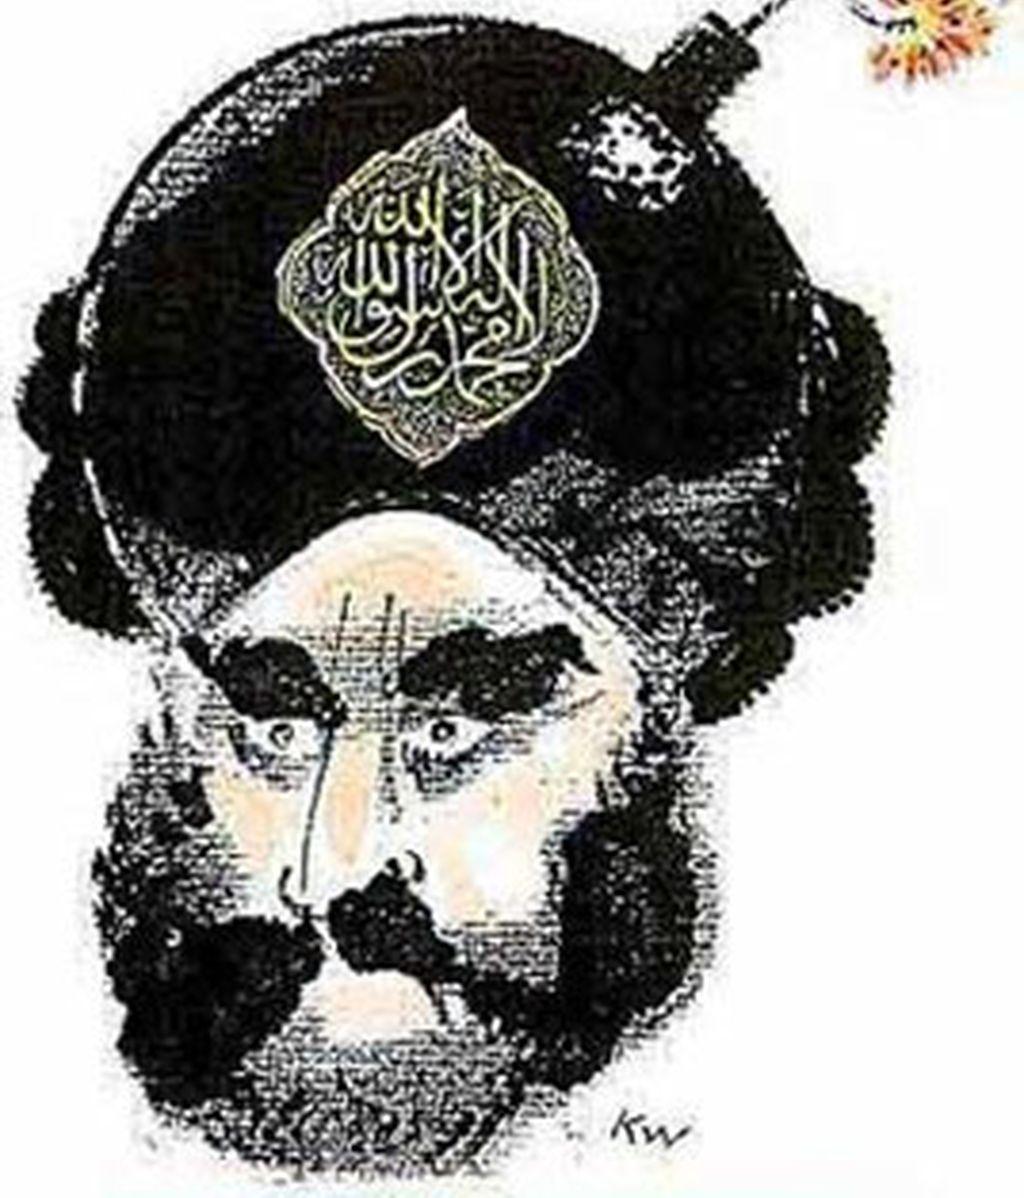 La caricatura de Mahoma con un turbante y una bomba que desató la ira del mundo islámico.